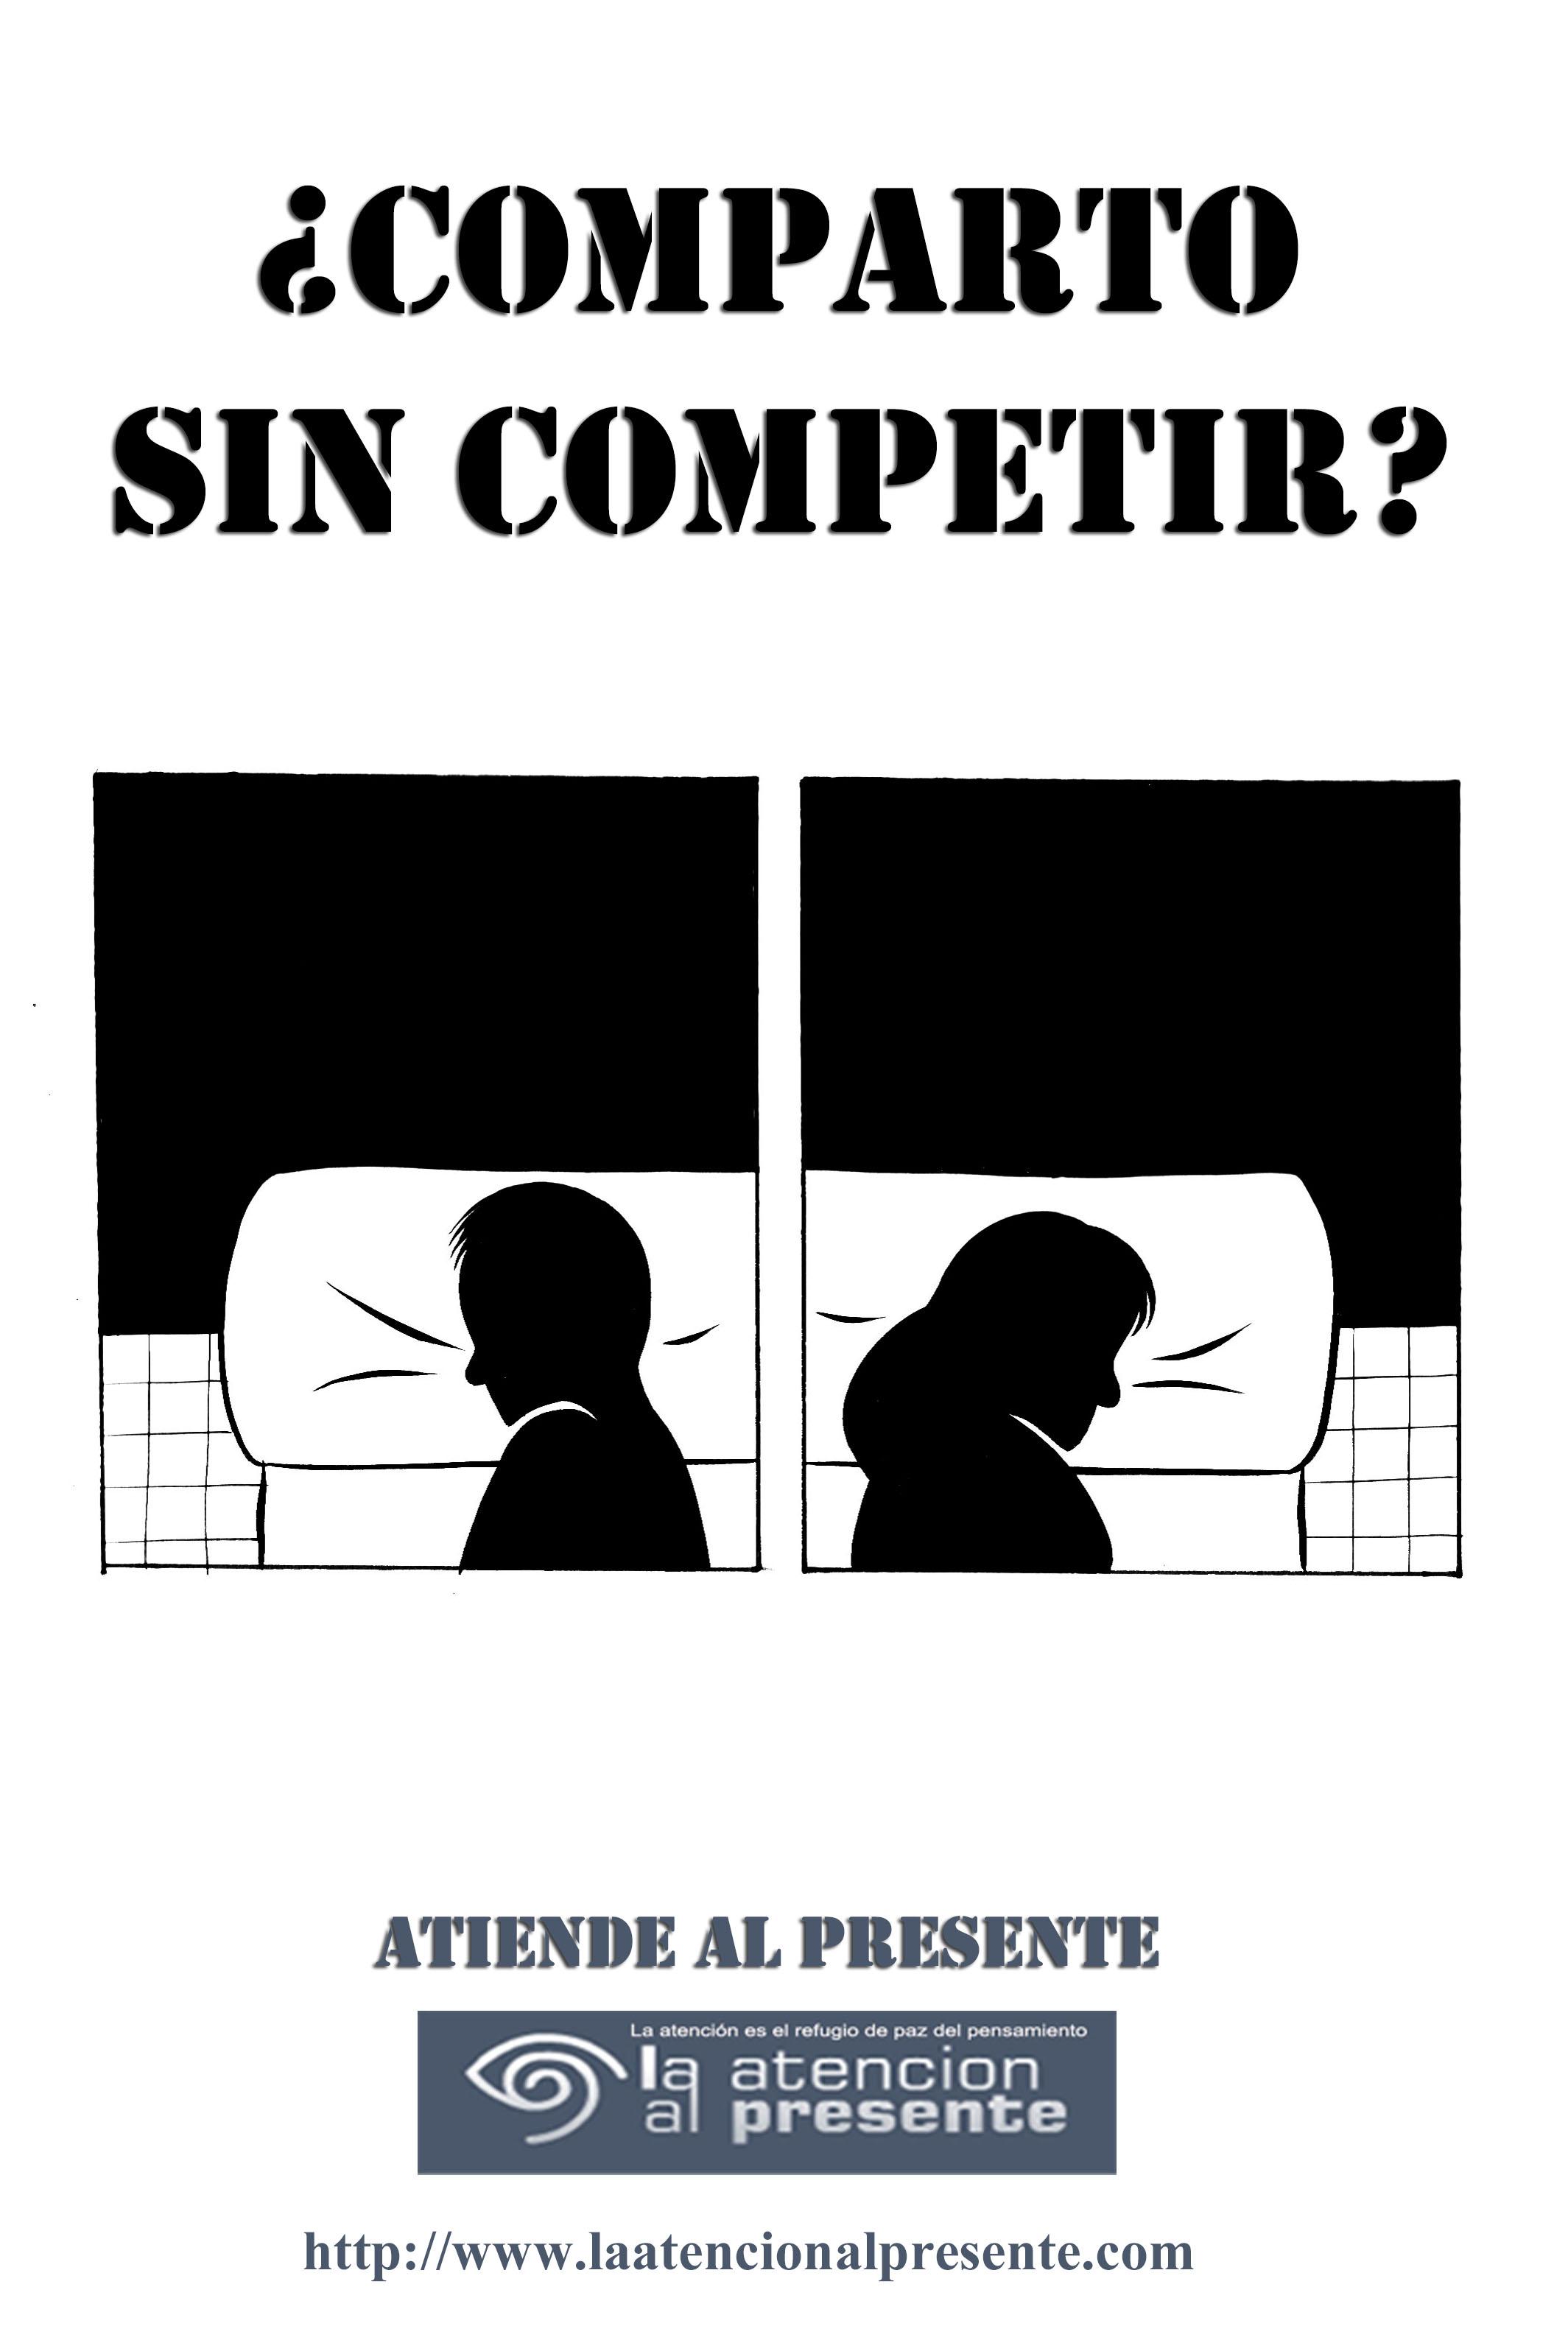 6 de febrero Esteban Comparto sin COMPETIR